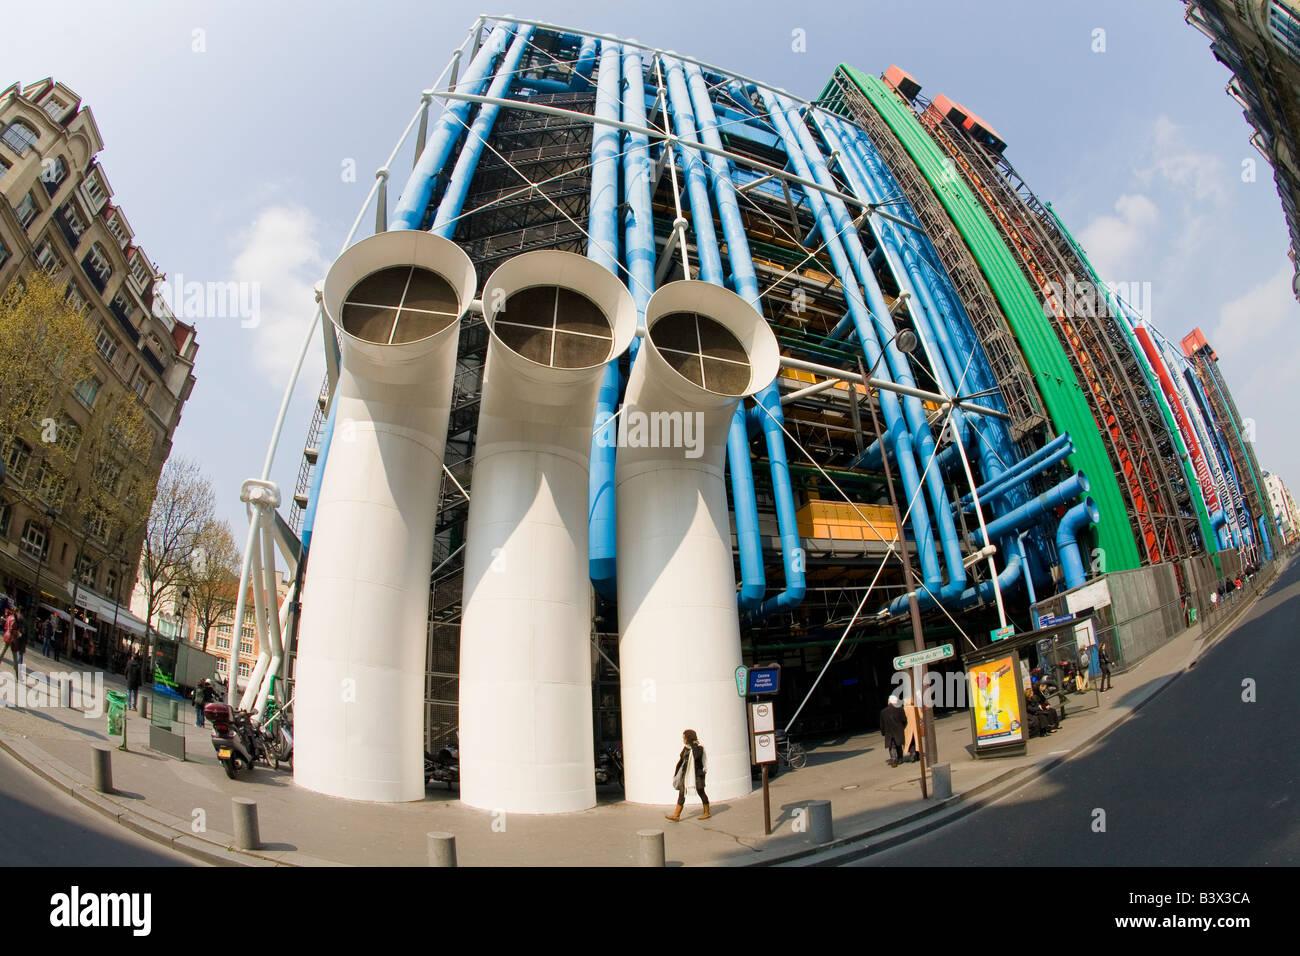 Exterior Pompidou Centre Center Paris France Europe - Stock Image